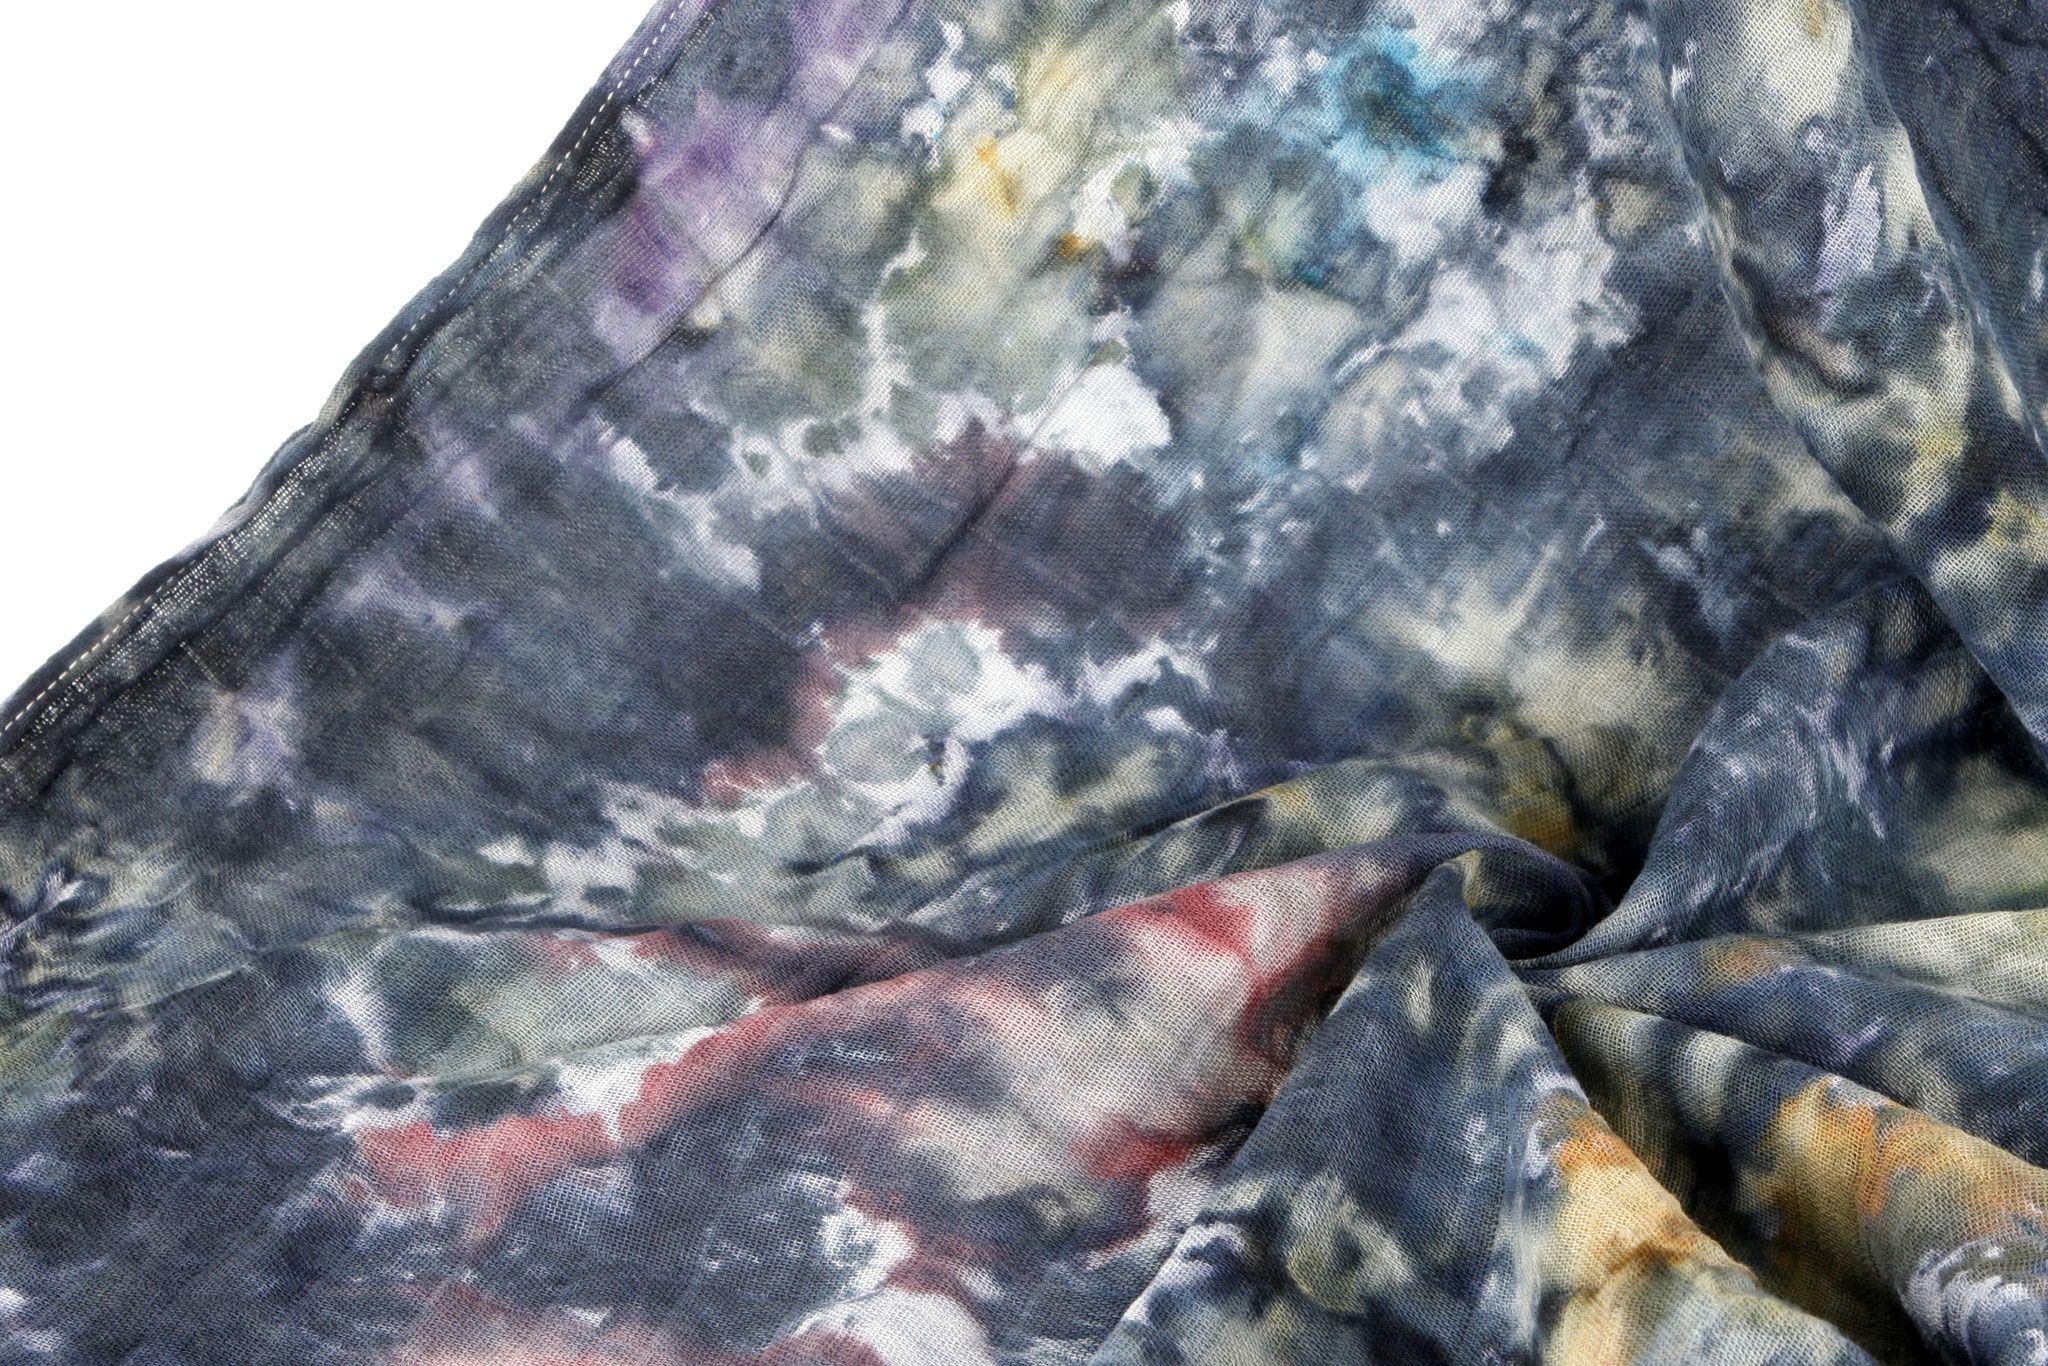 Stoff Mit Eiswurfeln Farben Batik Mit Eiswurfeln Stoff Naturfarben Druckverfahren